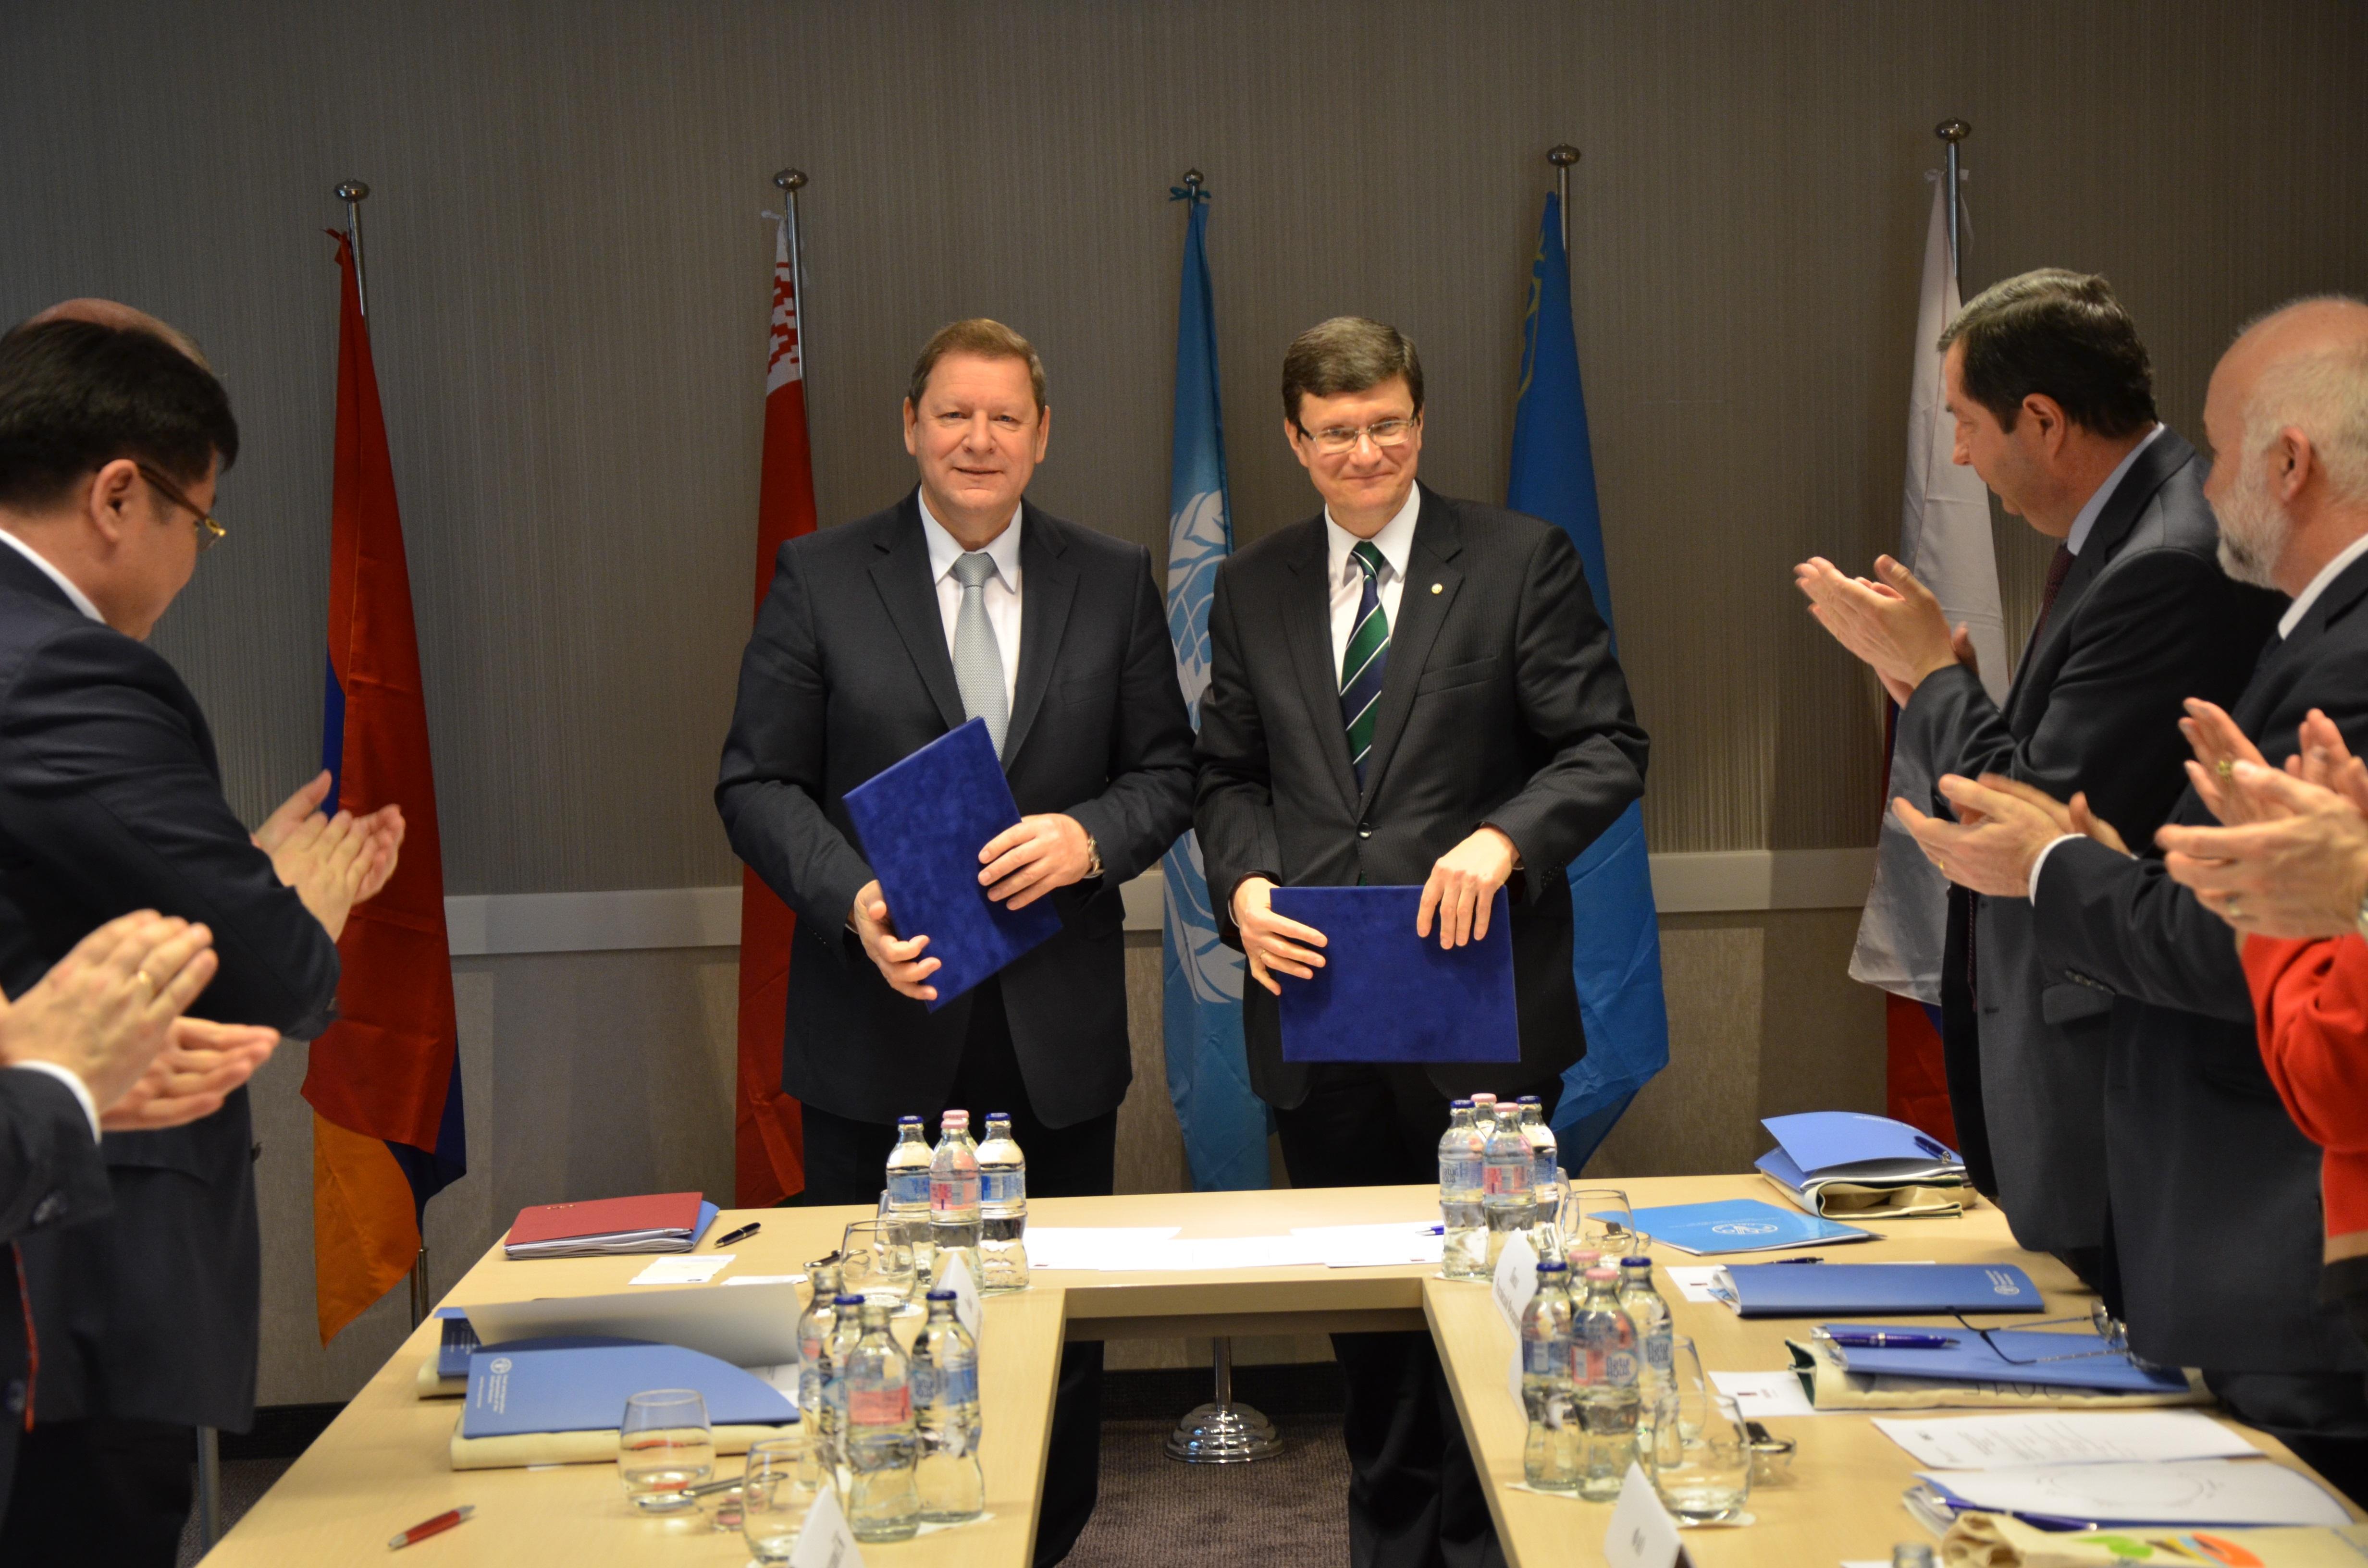 ЕЭК расширяет сотрудничество с Продовольственной и сельскохозяйственной организацией ООН